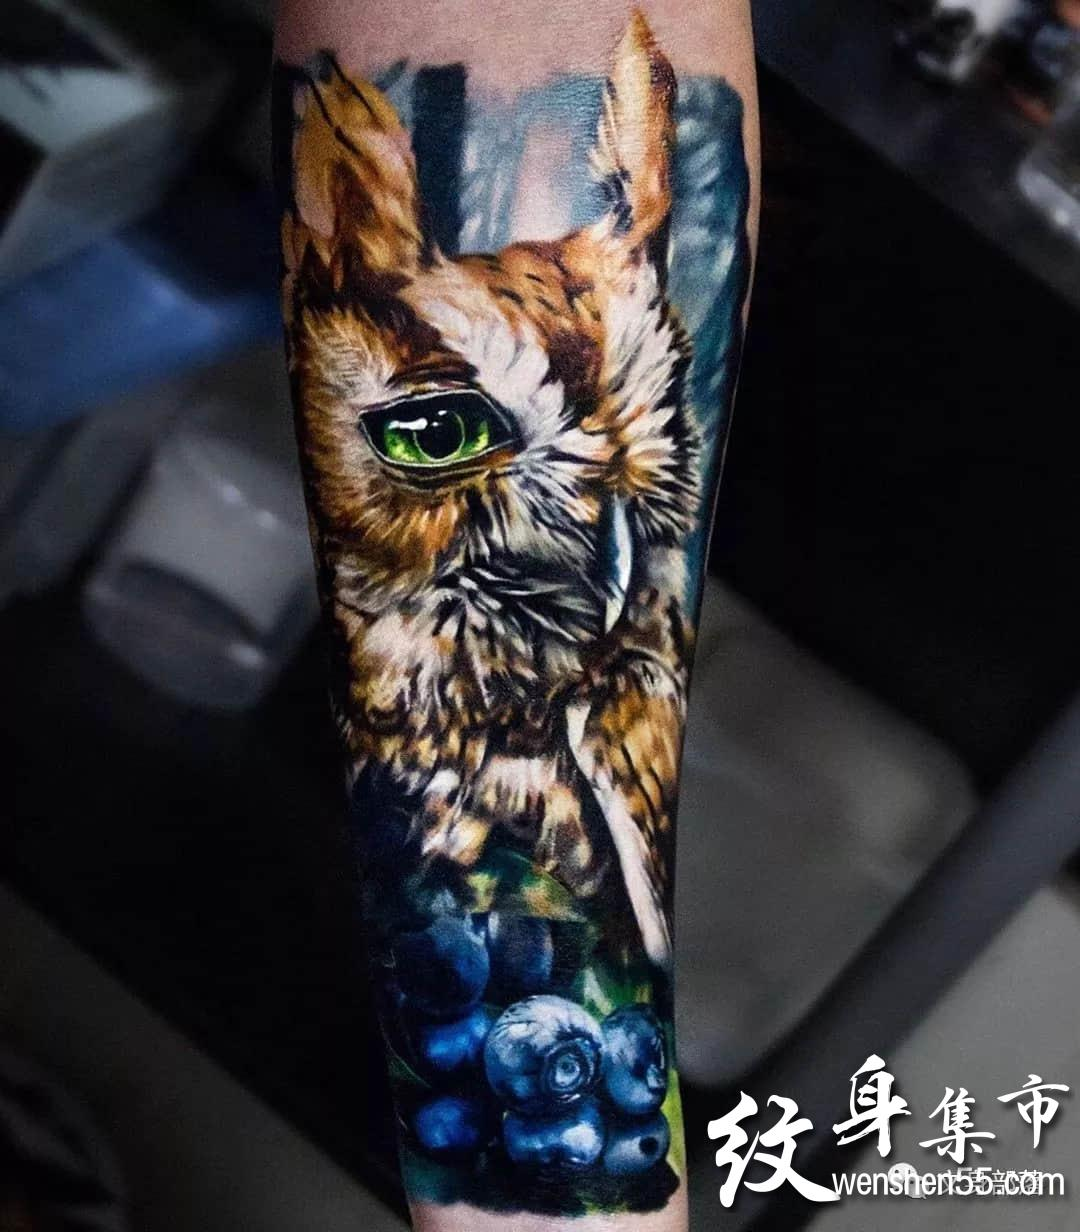 写实纹身,超写实纹身手稿图案,ins艺术家连载